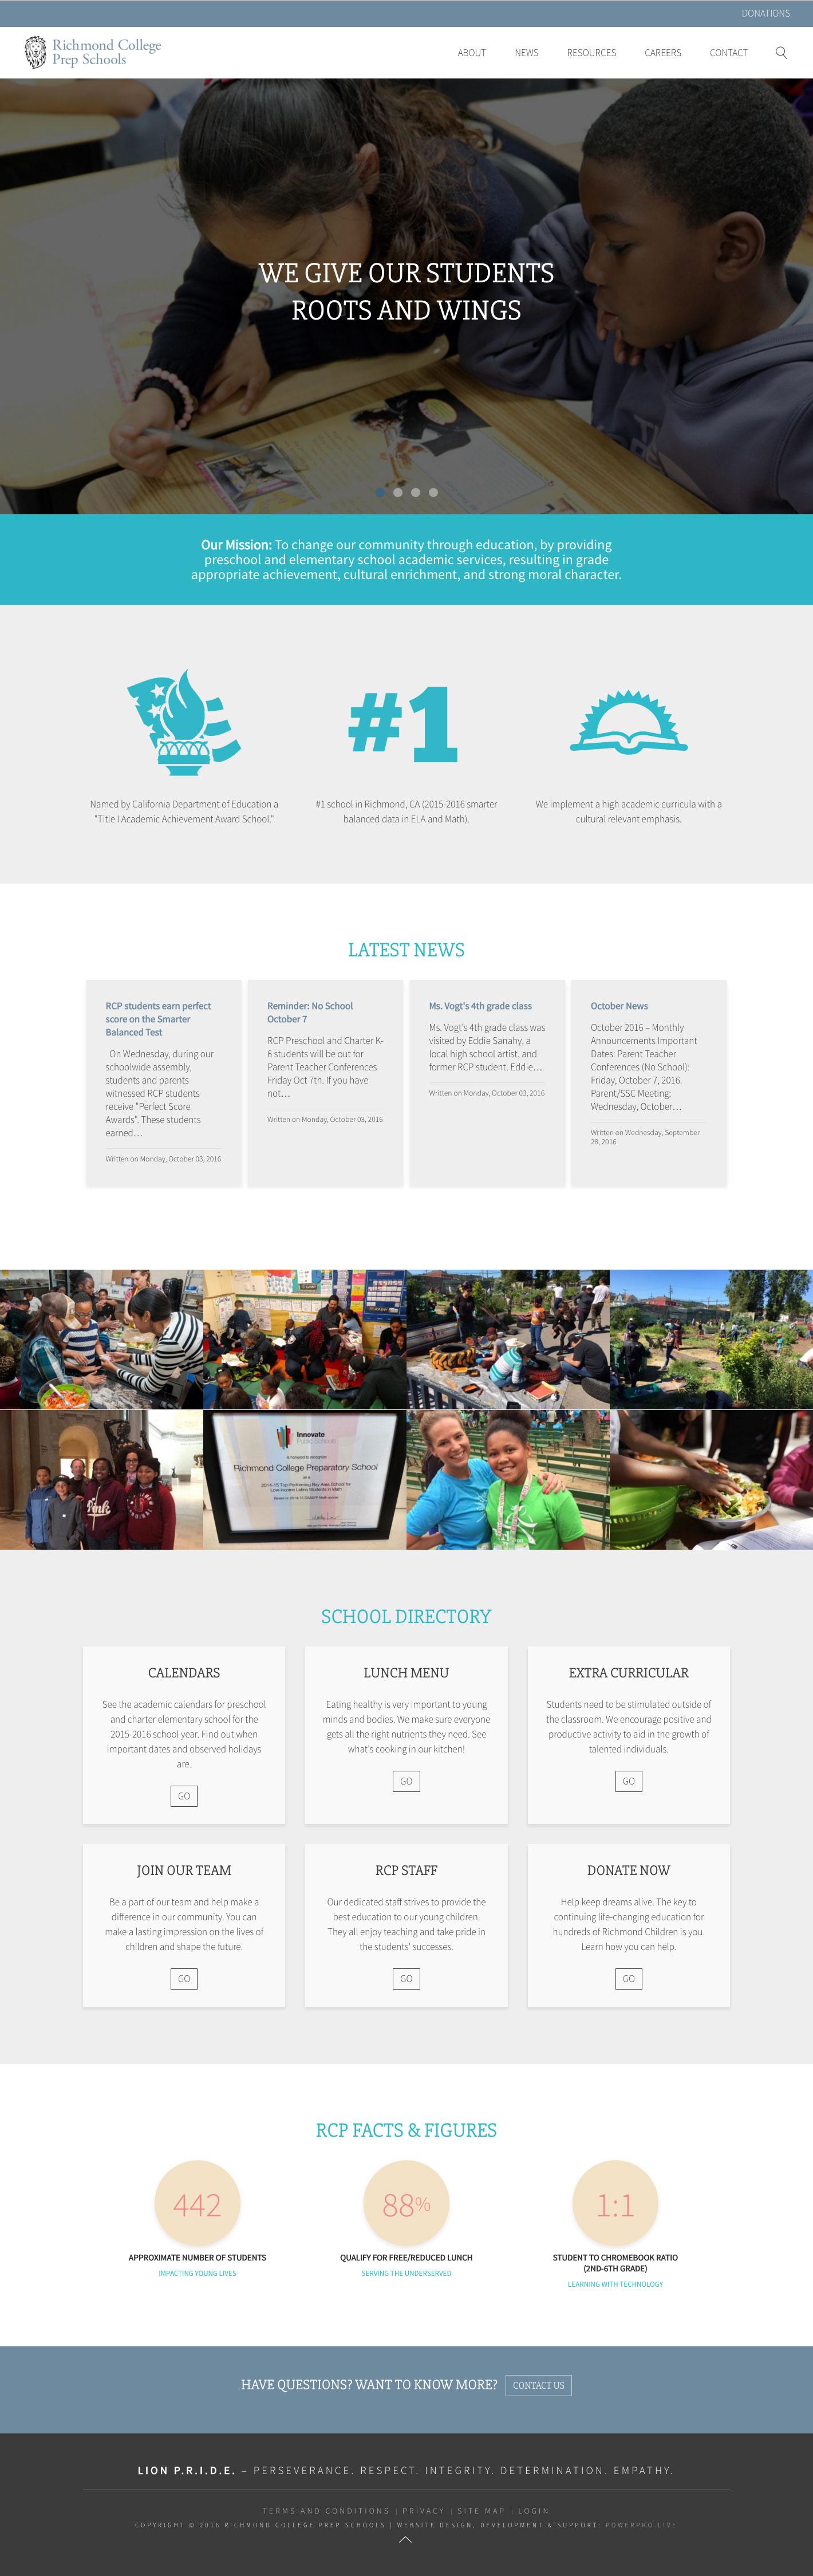 richmond-college-prep-schools-website